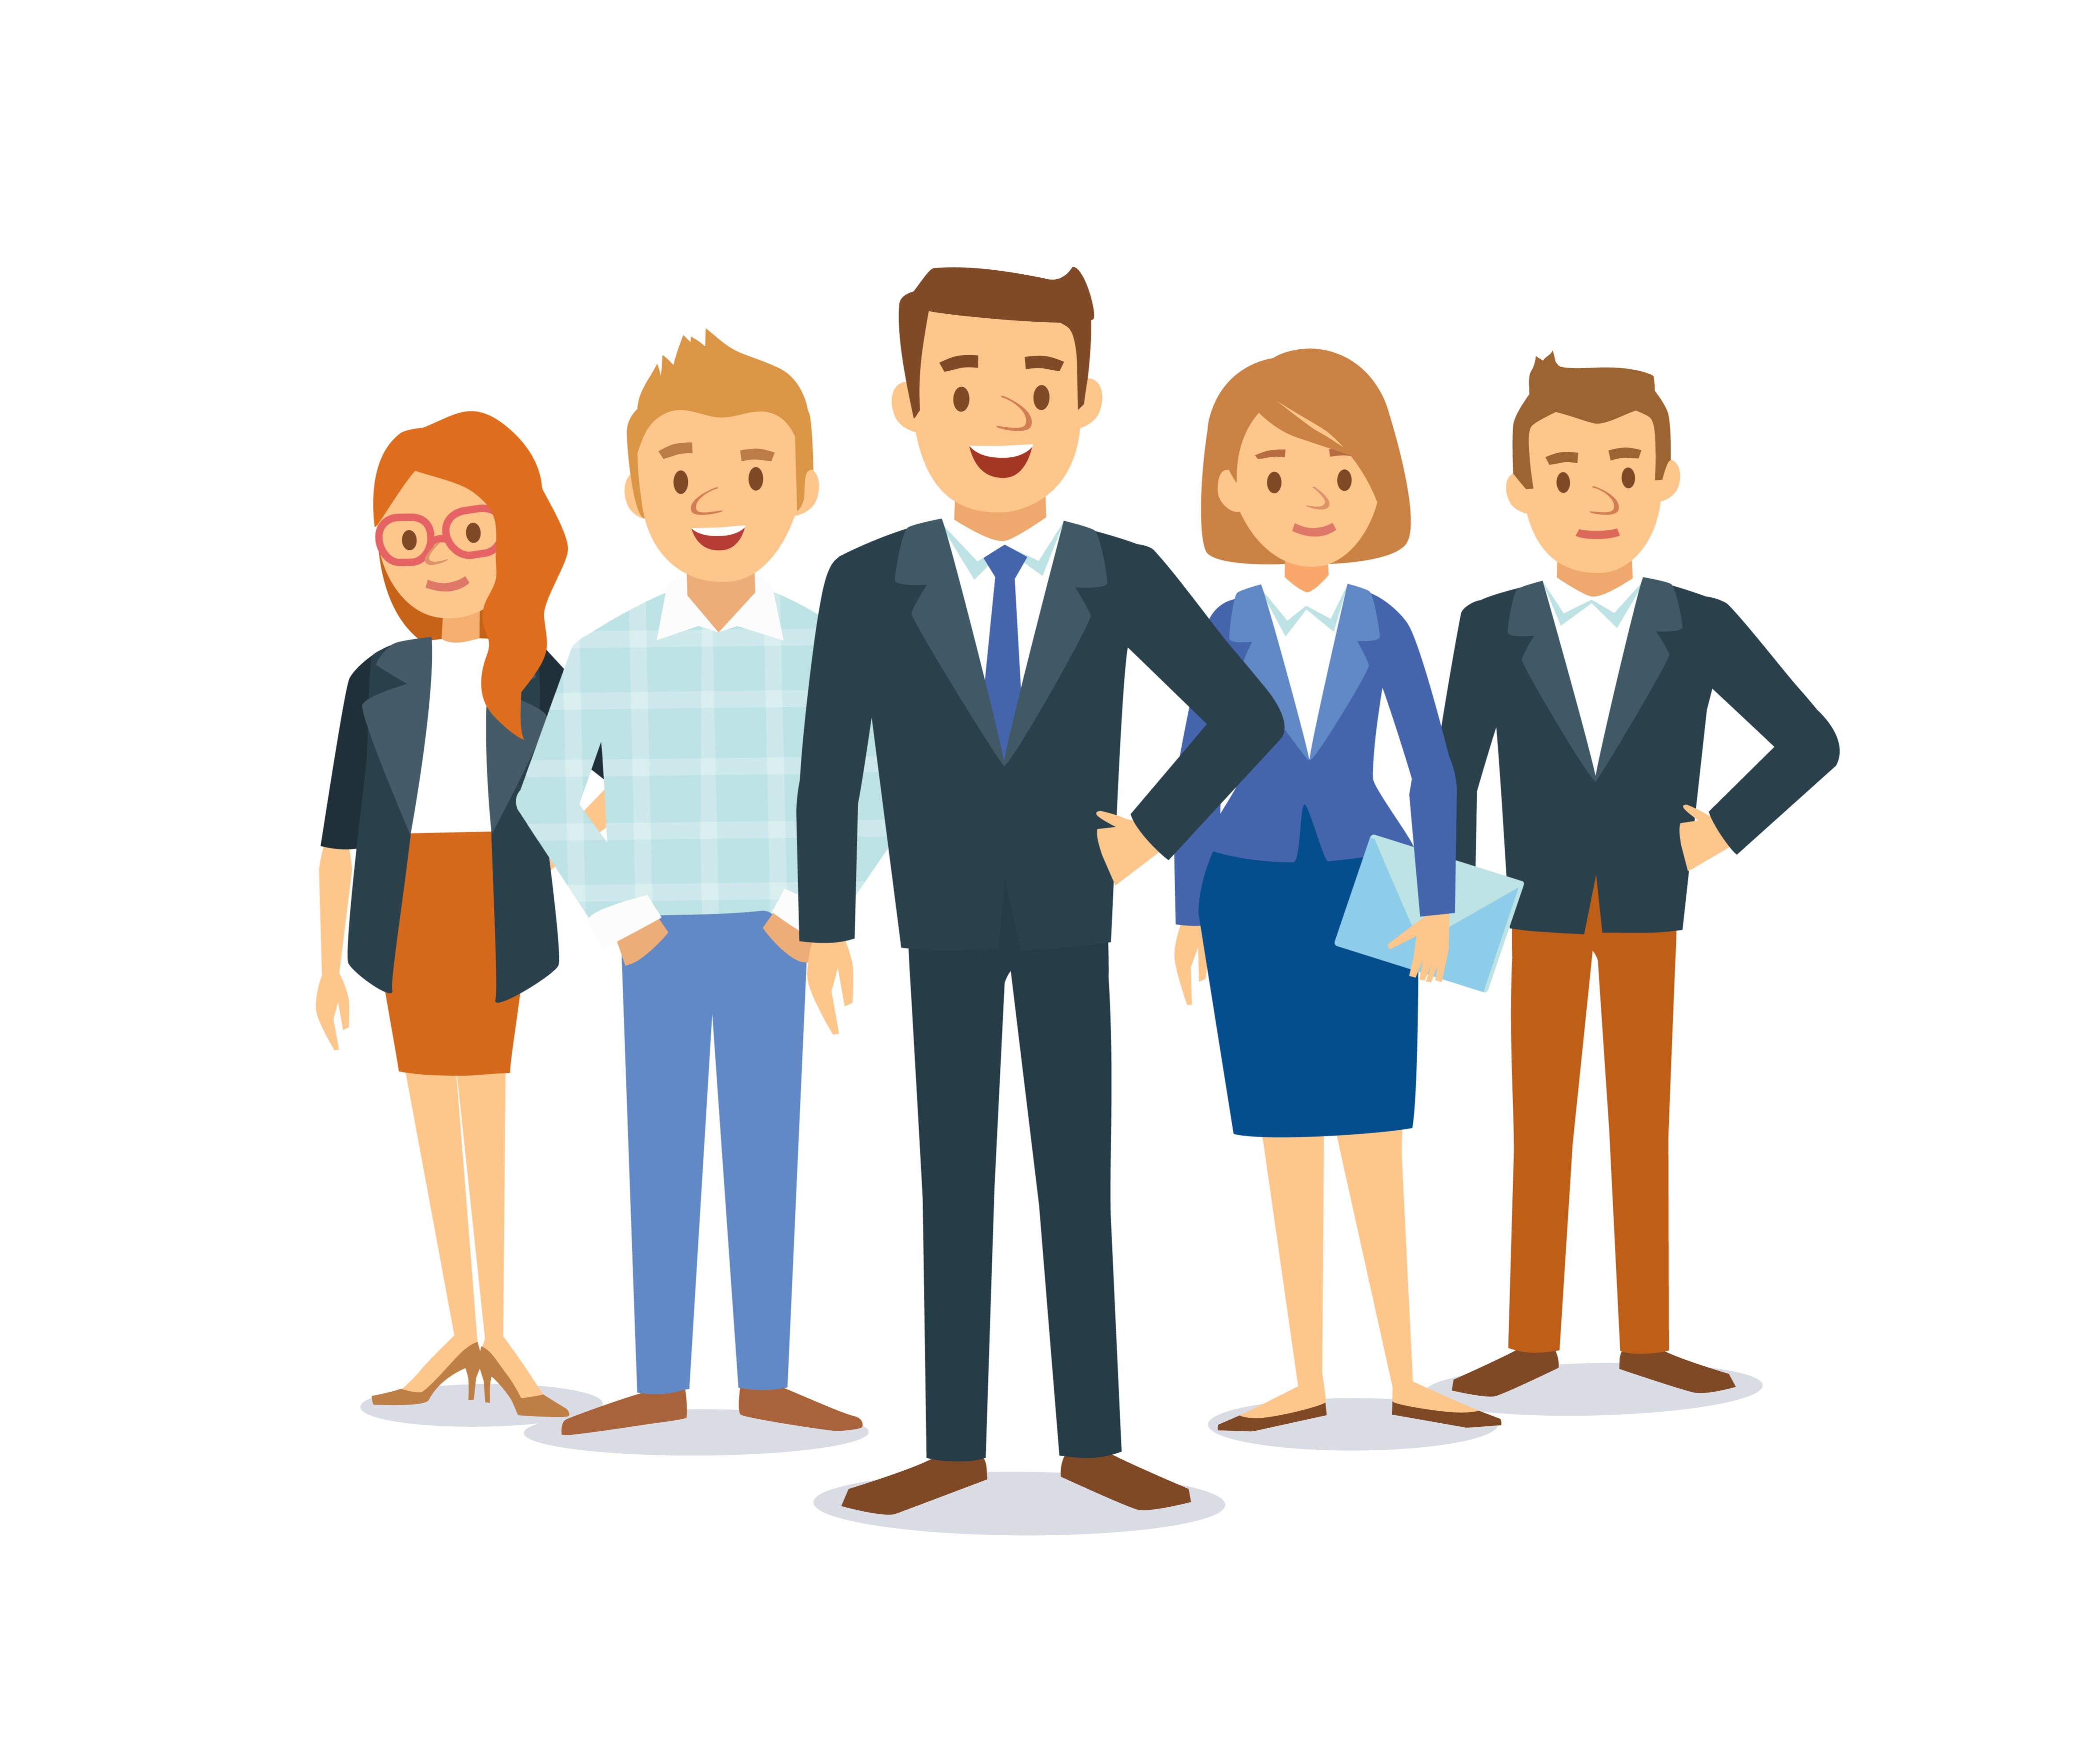 Büro_Menschen